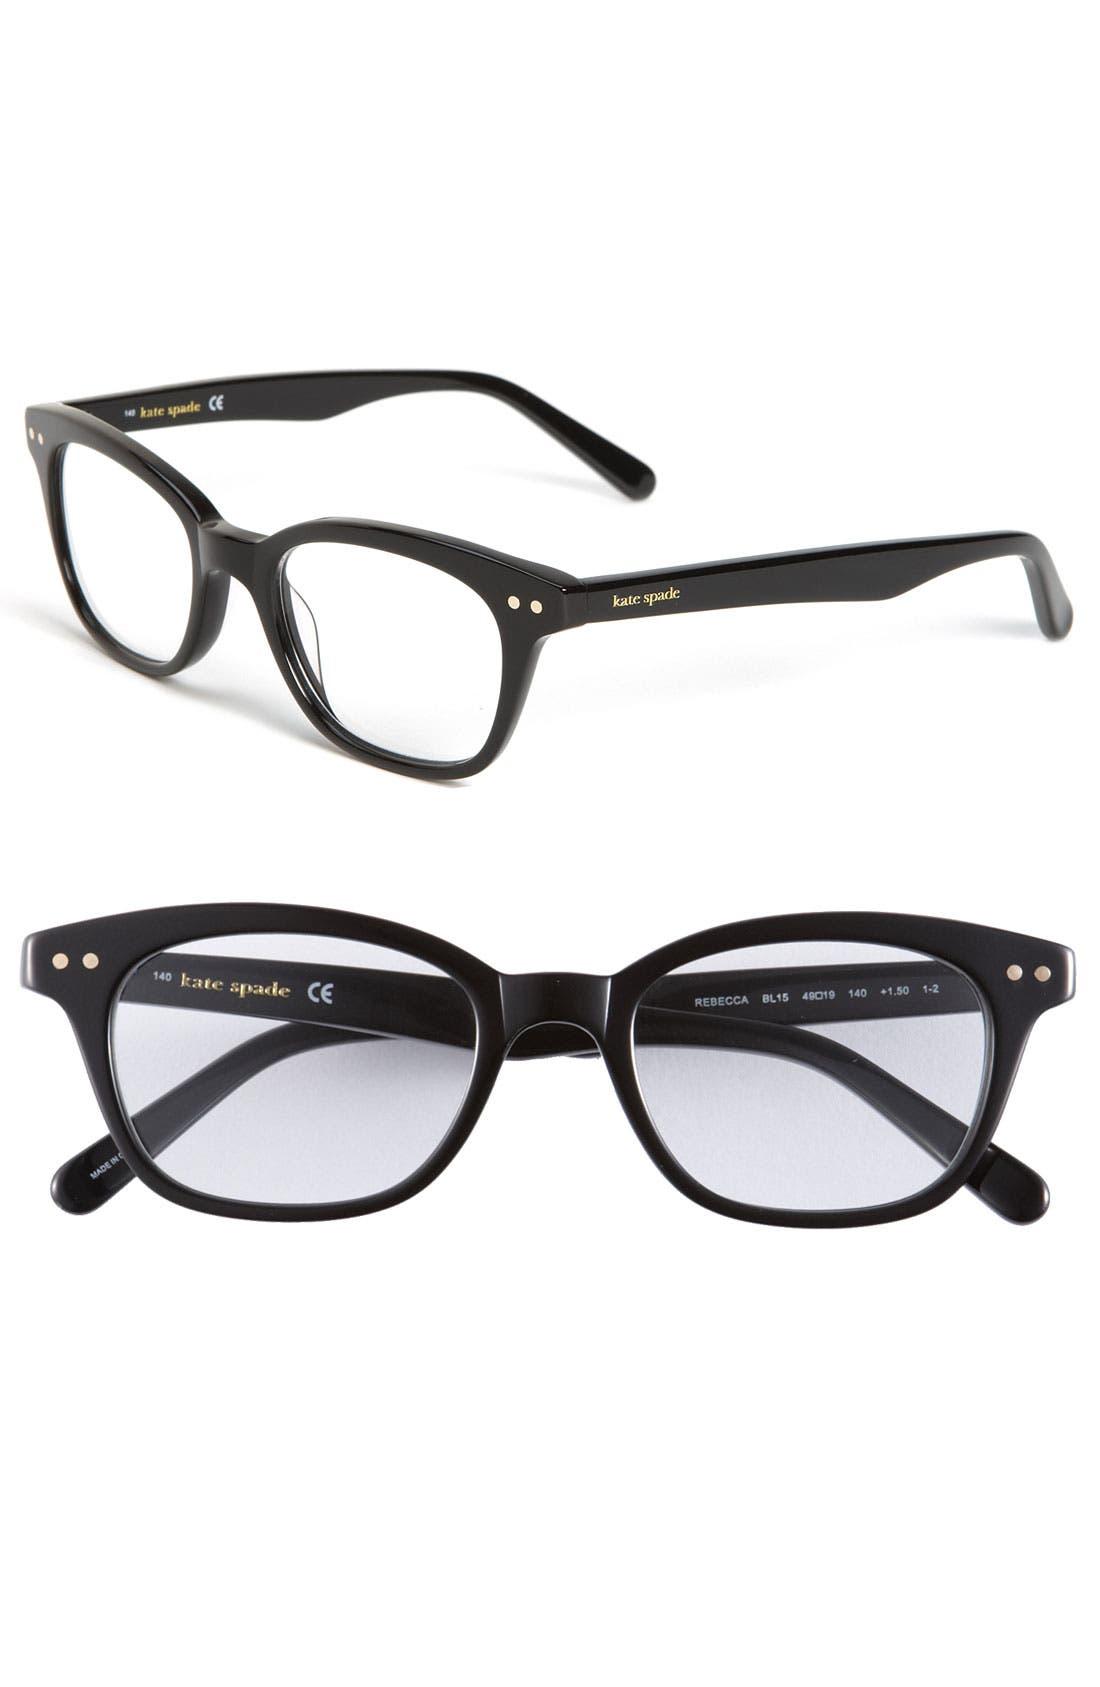 kate spade new york rebecca 49mm reading glasses (2 for $88)